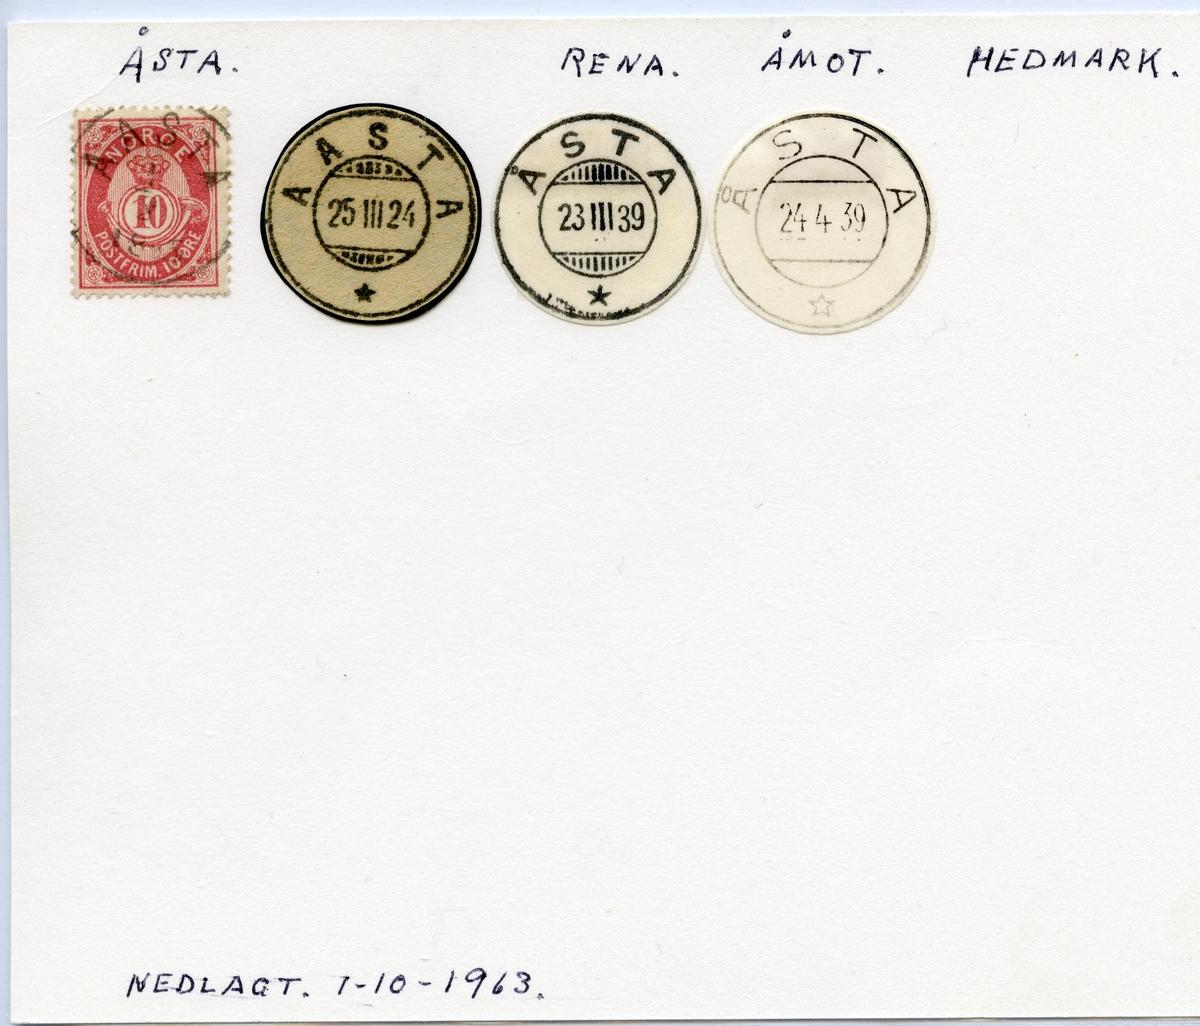 Åsta (Aasta), Rena, Åmot, Hedmark